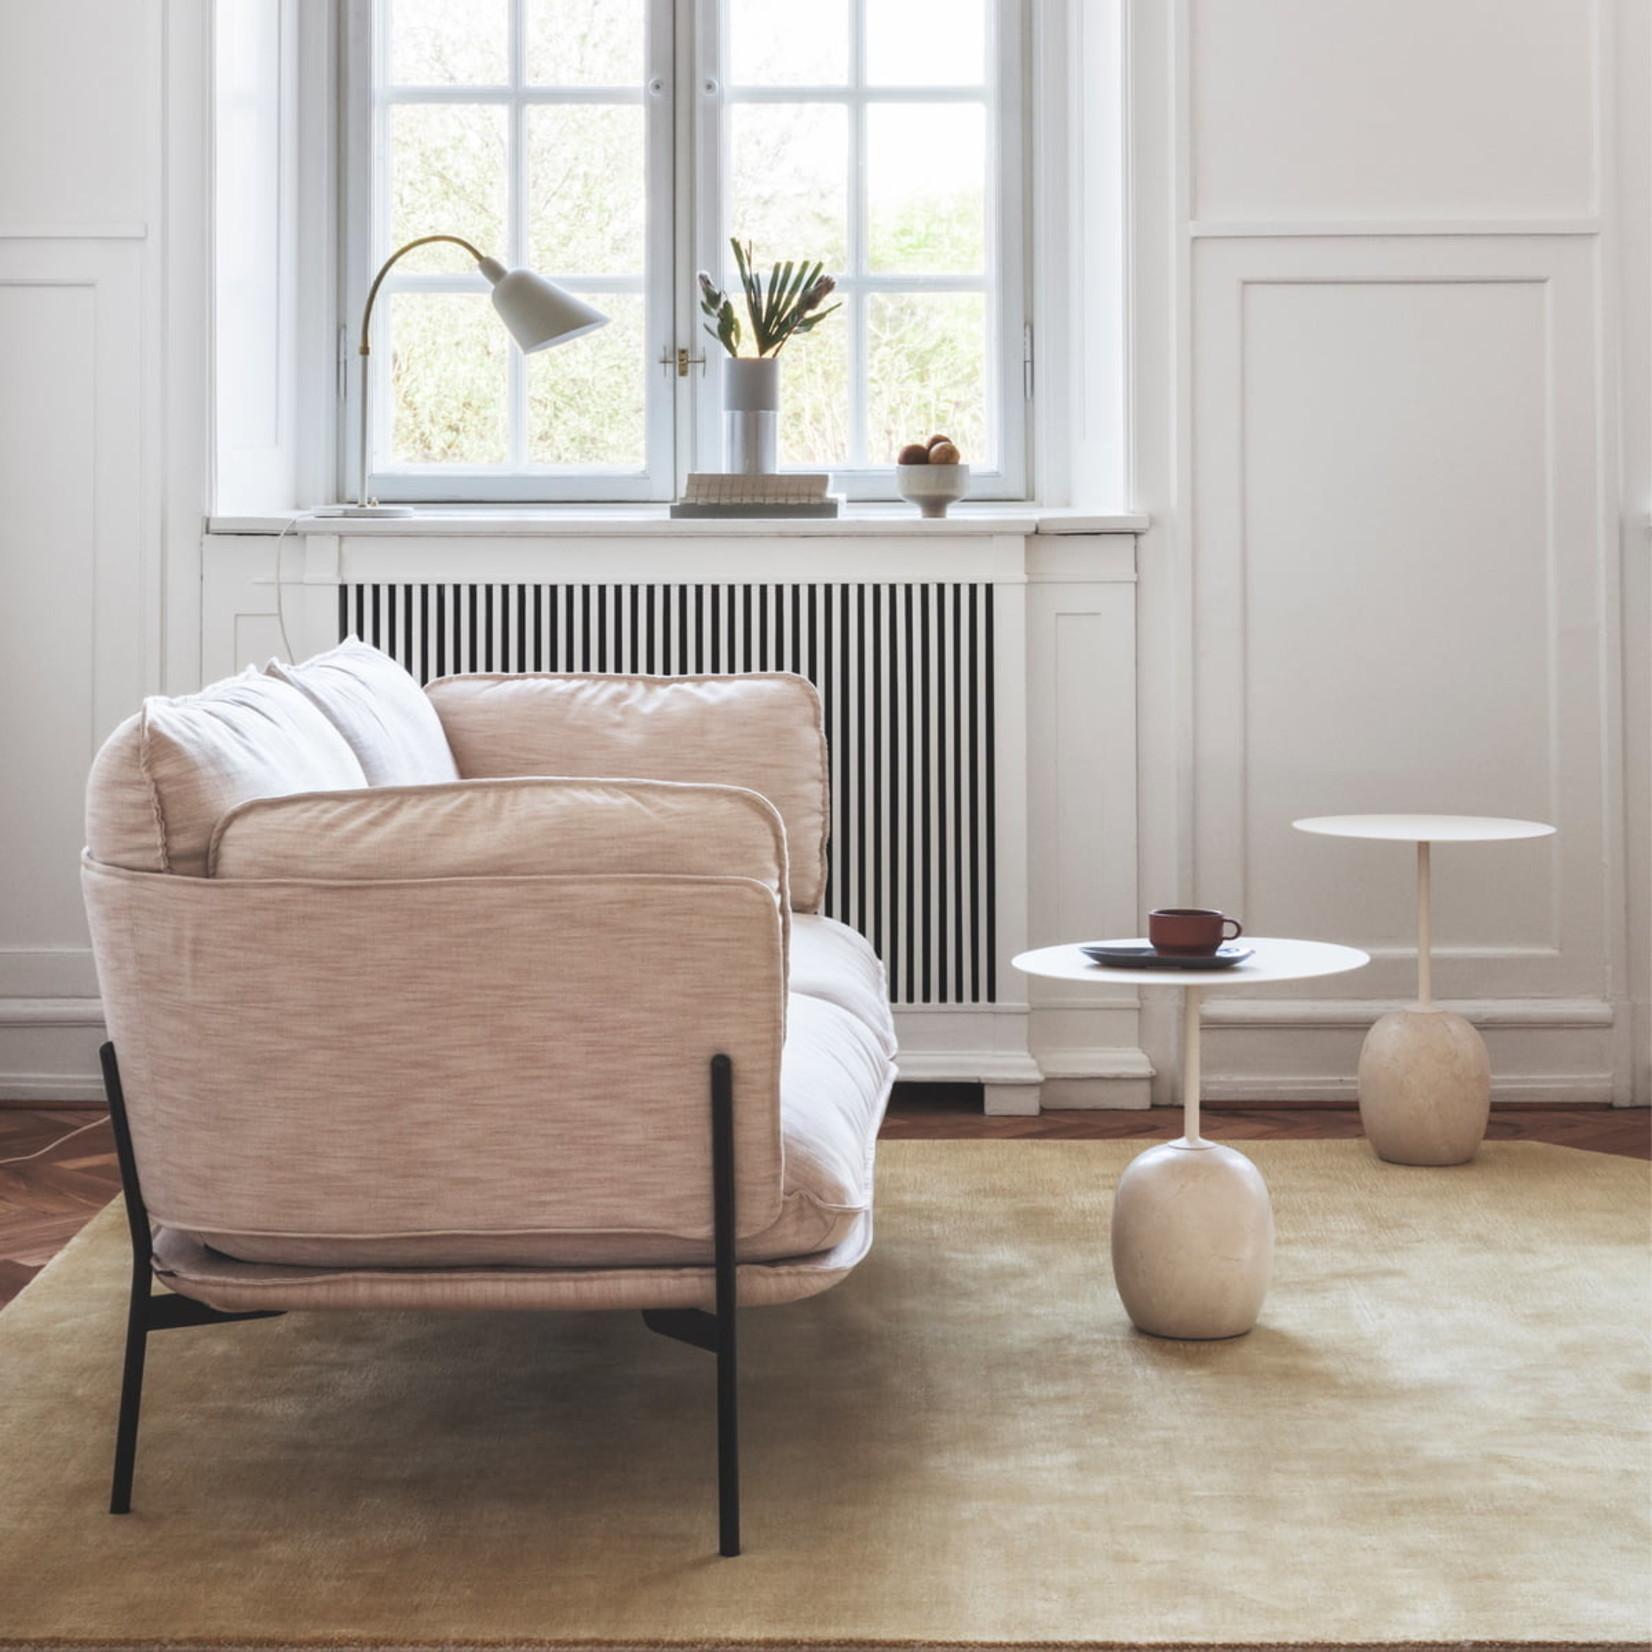 &Tradition Table d'appoint Lato LN9 | Blanc ivoire et marbre Crema Diva